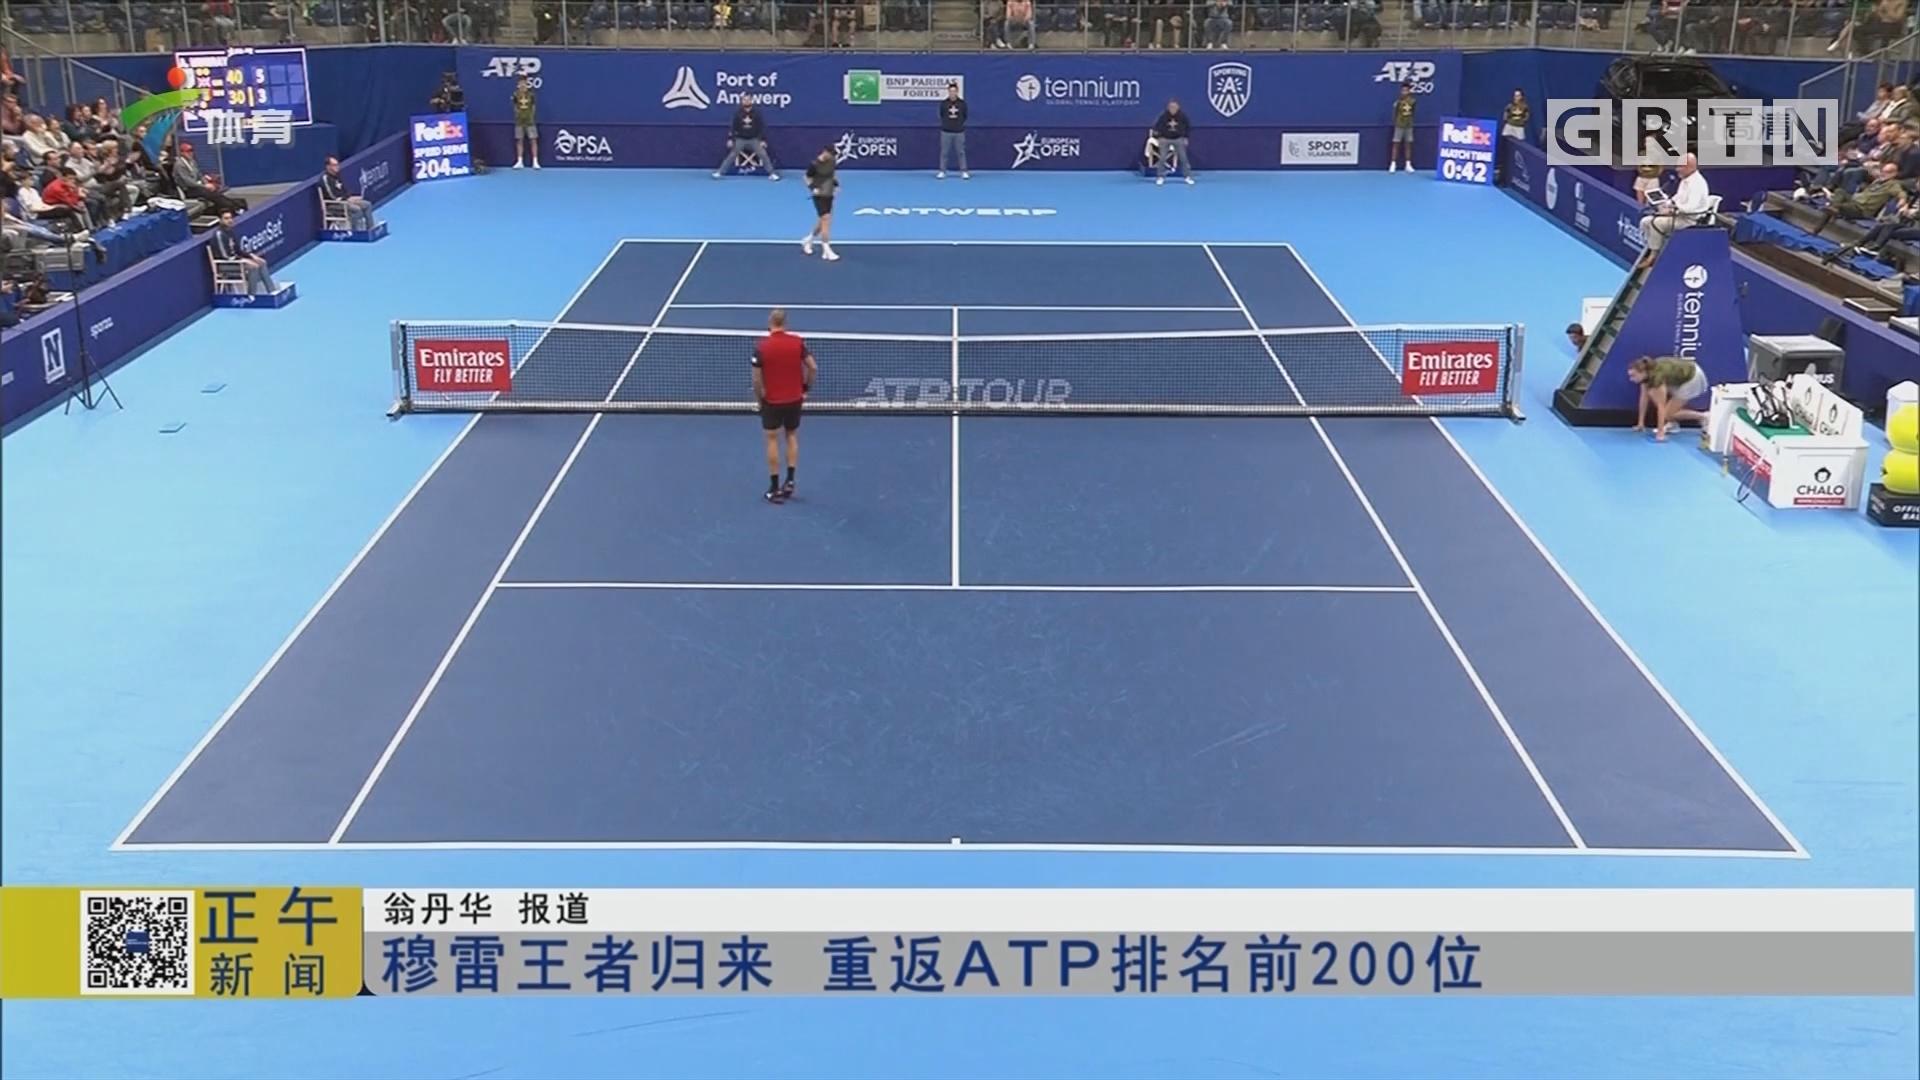 穆雷王者回归 重返ATP排名前200位